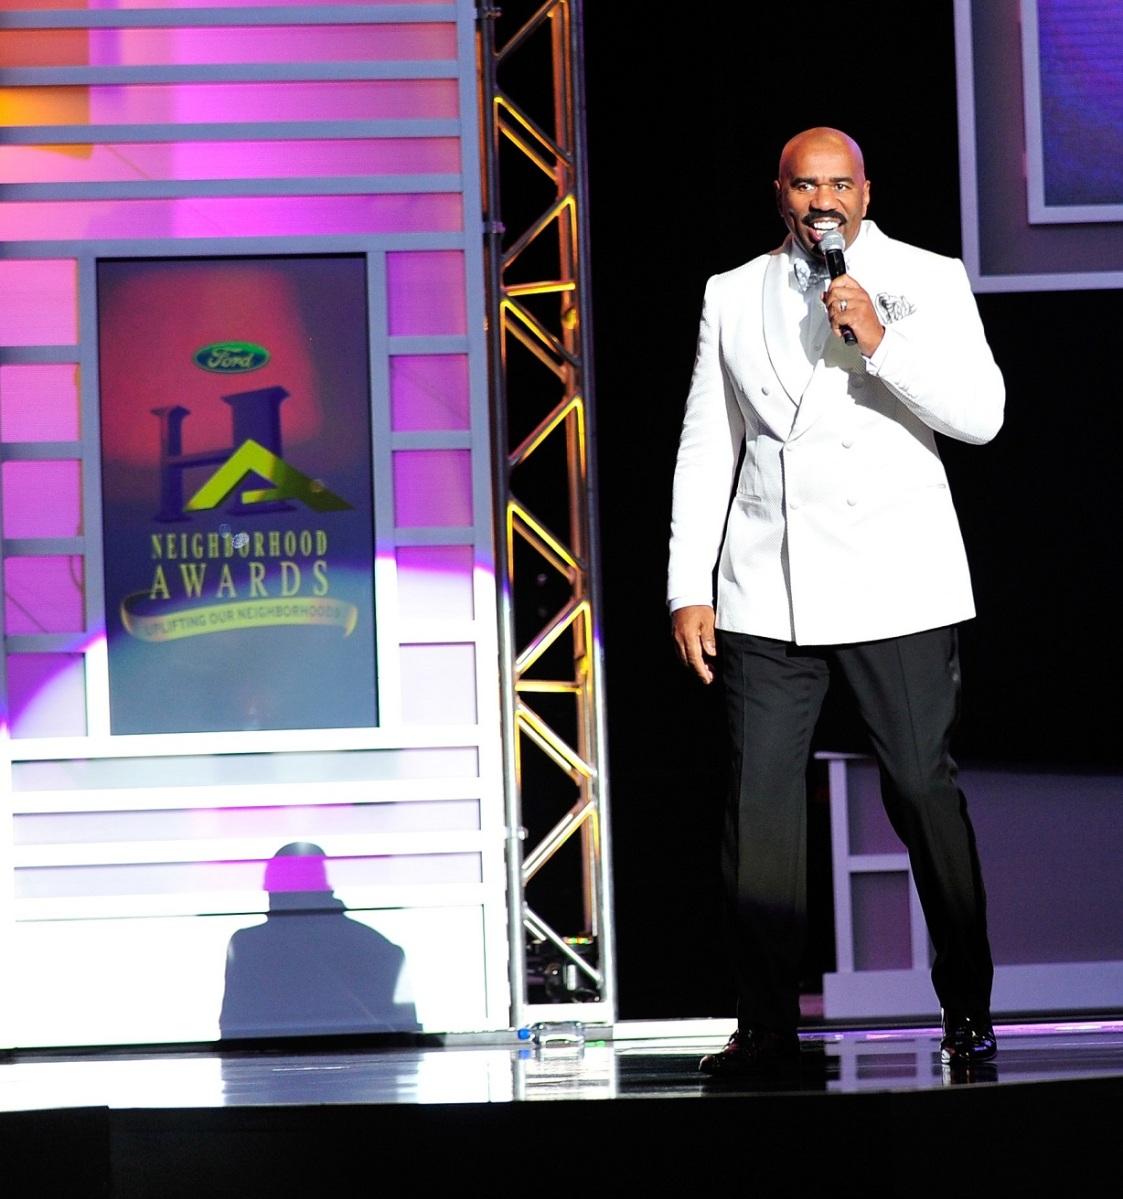 entertainer Steve Harvey announces the 13th Annual Neighborhood Awards